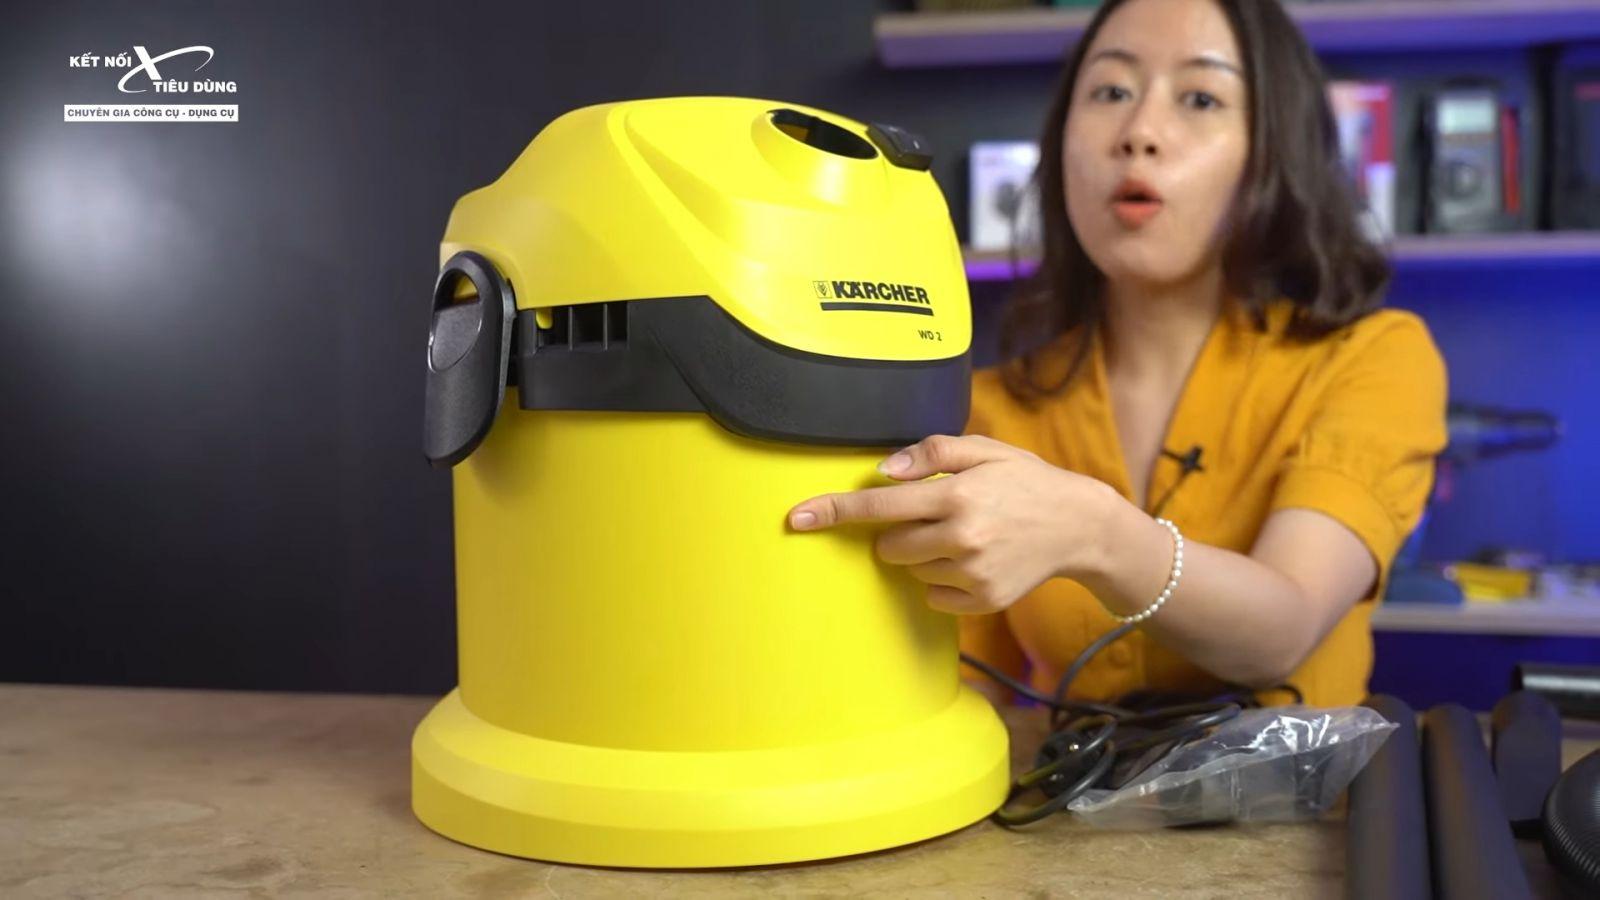 Review máy hút bụi khô và ướt cao cấp Karcher WD2 xịn sò, chuẩn công nghiệp - thiết kế máy hút bụi